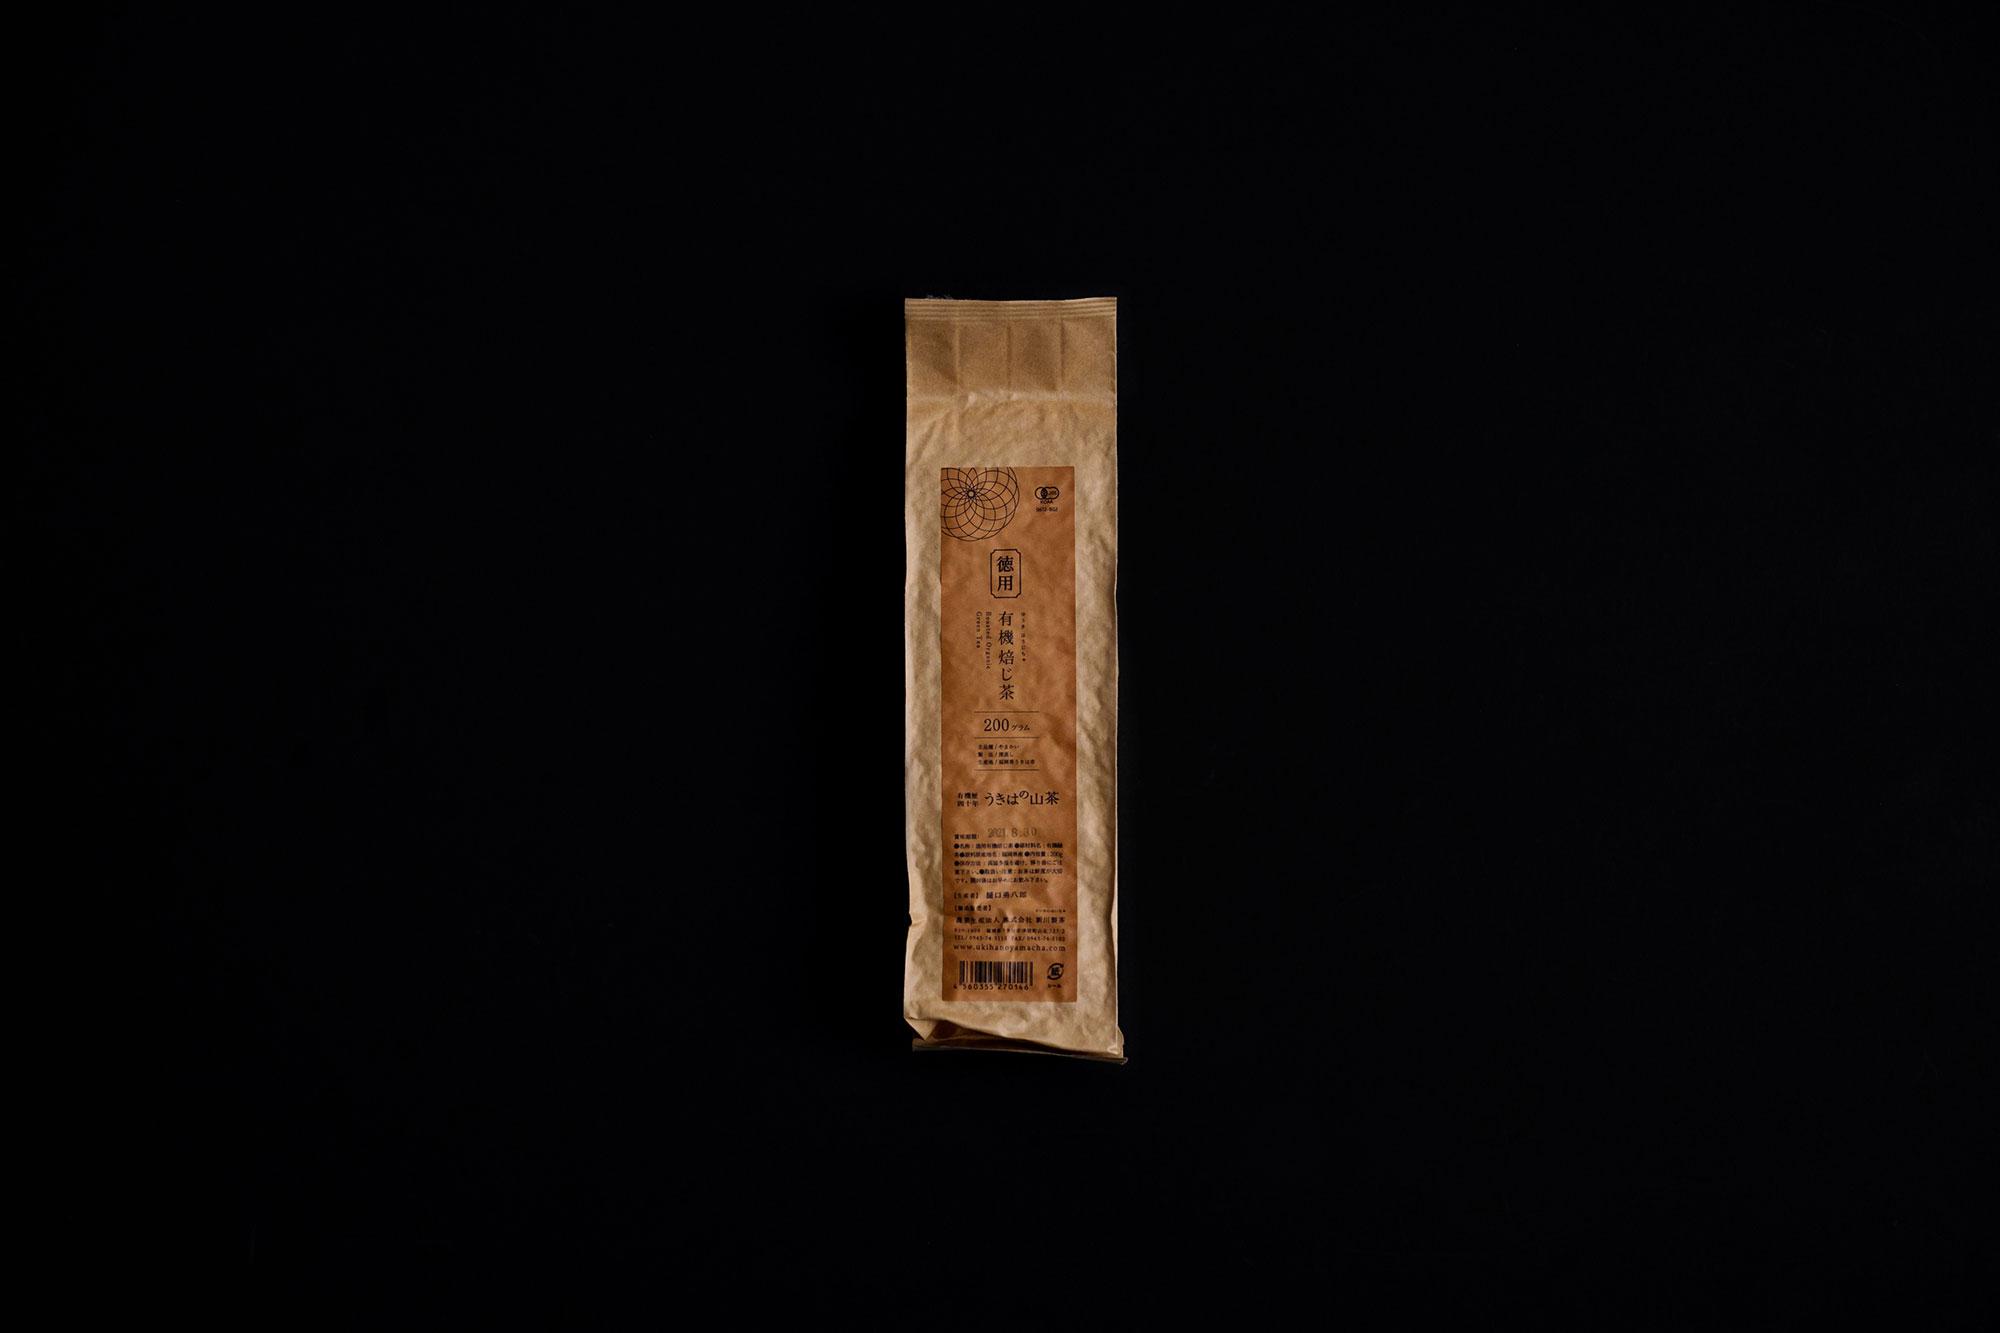 【12月11日販売開始】かるべけいこ BOX A(かるべけいこ シュトレン / うきはの山茶 有機ほうじ茶 / まめのもんや 炒り豆のキャラメリゼ、米粉クッキー)